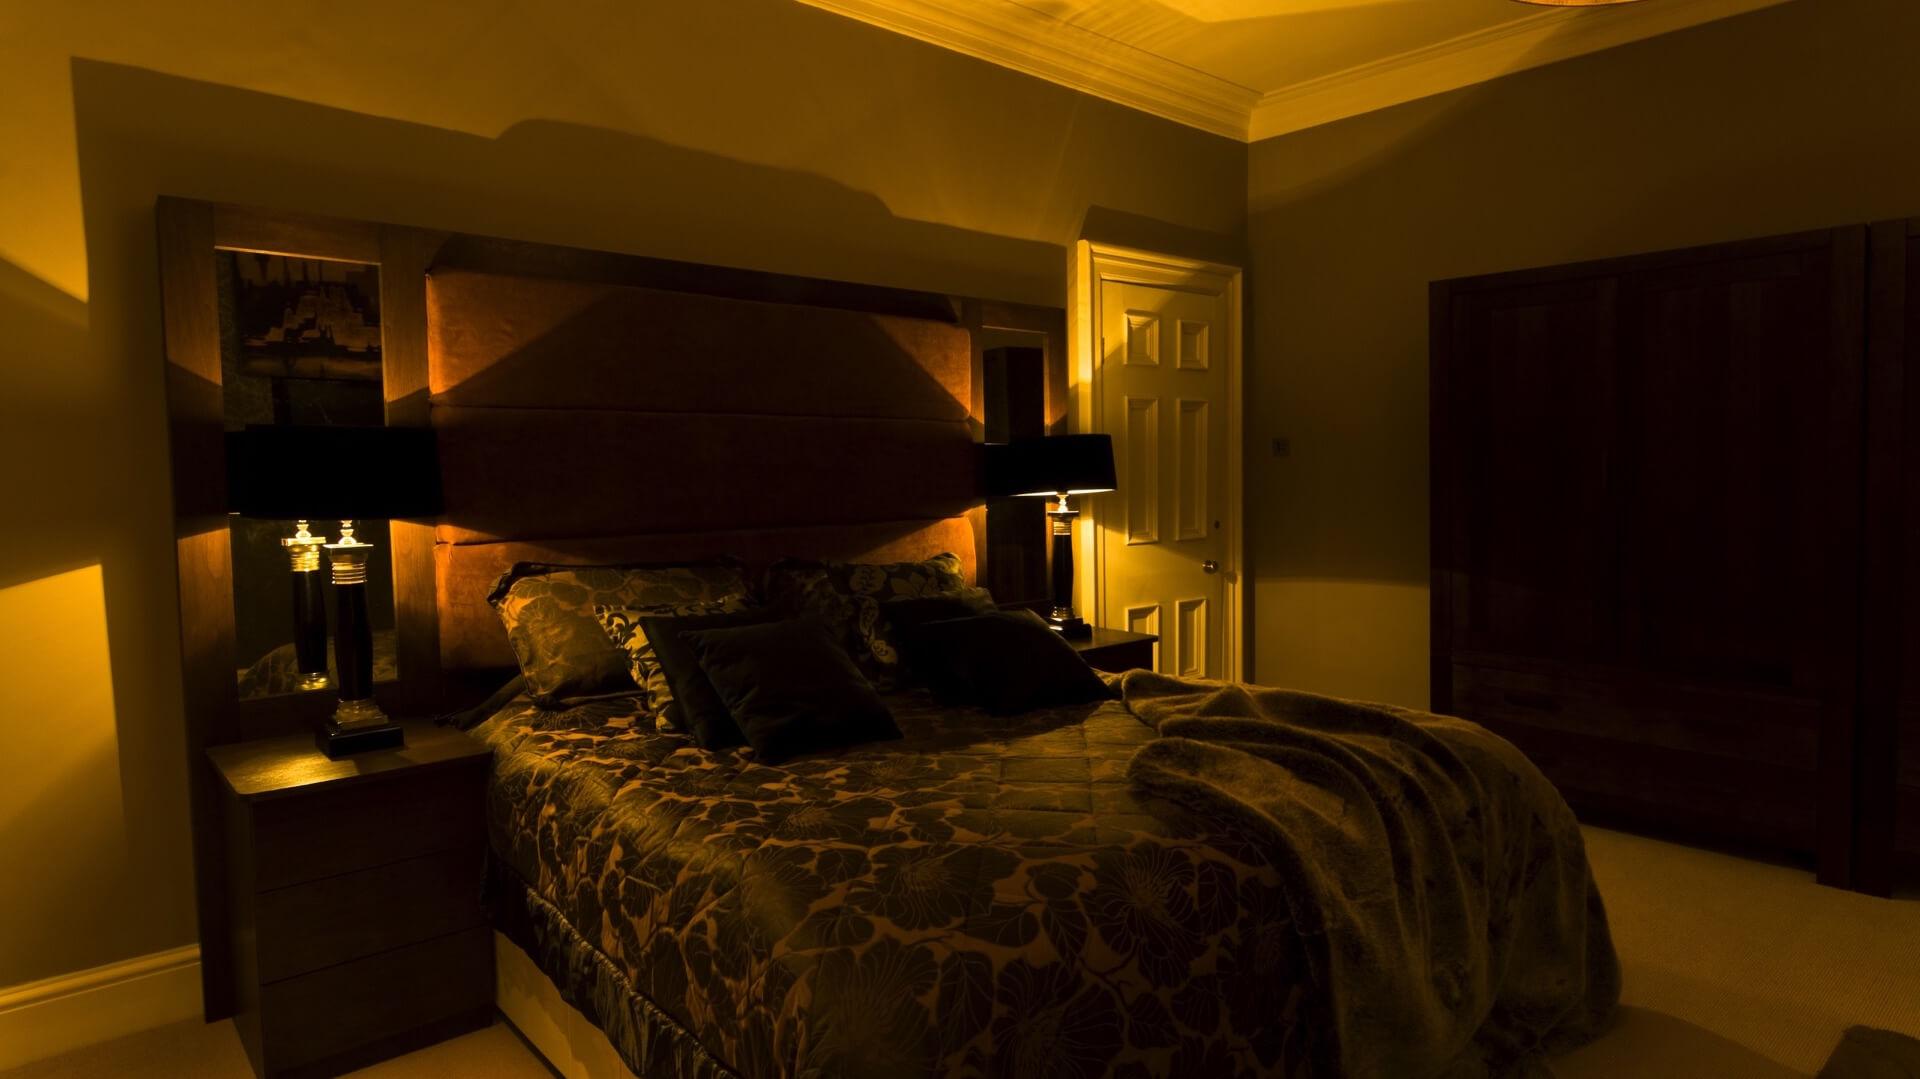 Mood Lighting Installation In Bedroom